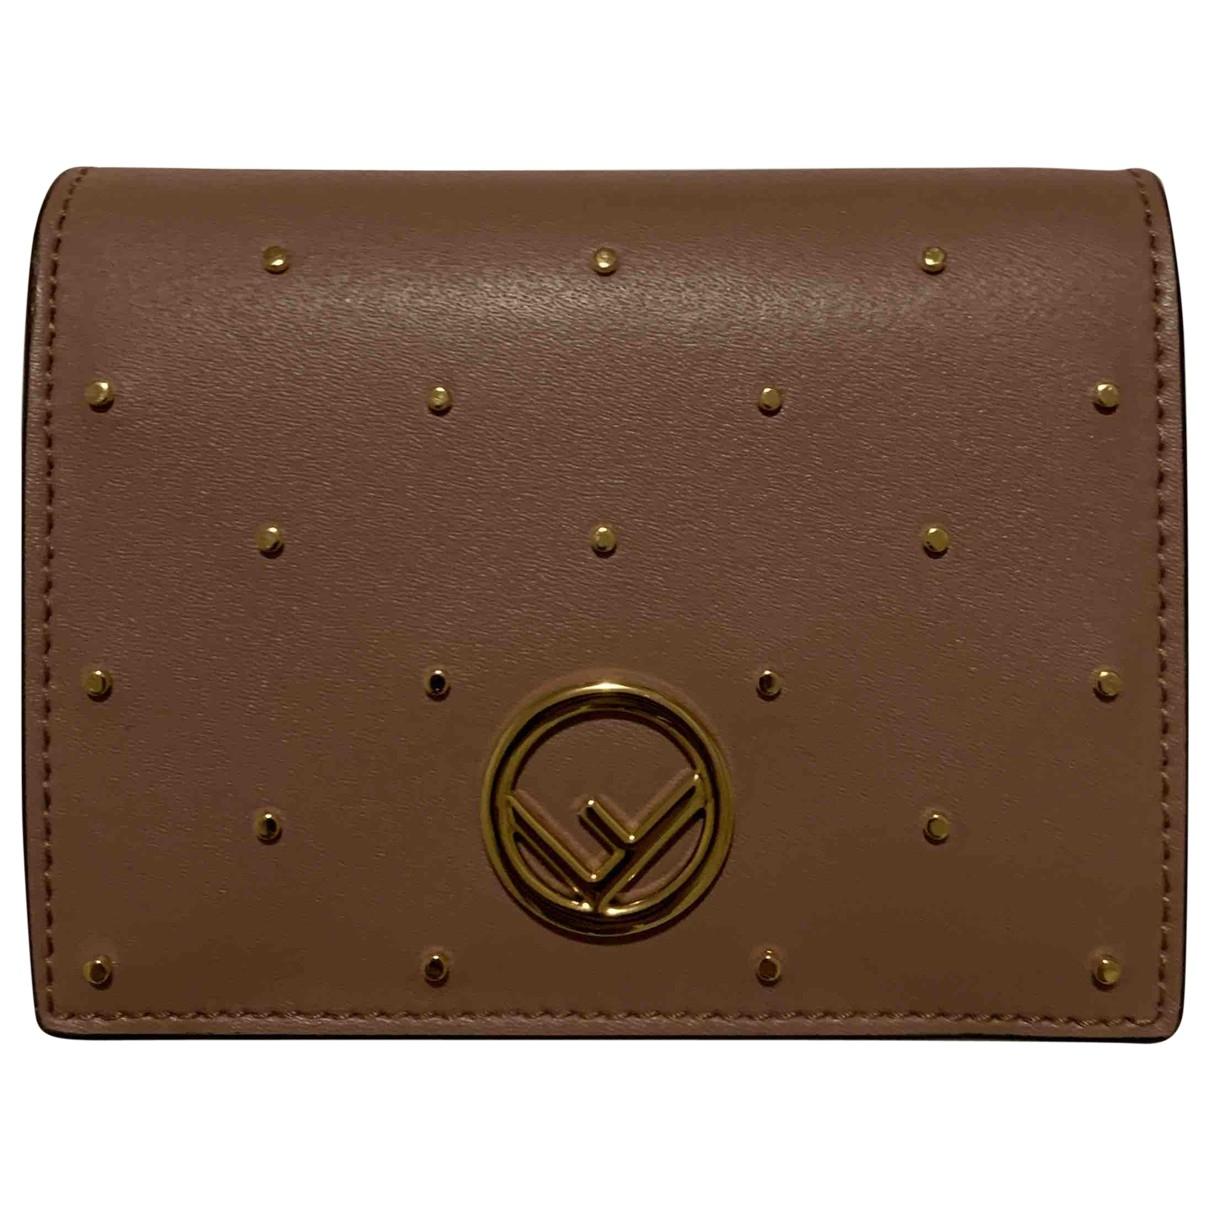 Fendi \N Beige Leather wallet for Women \N